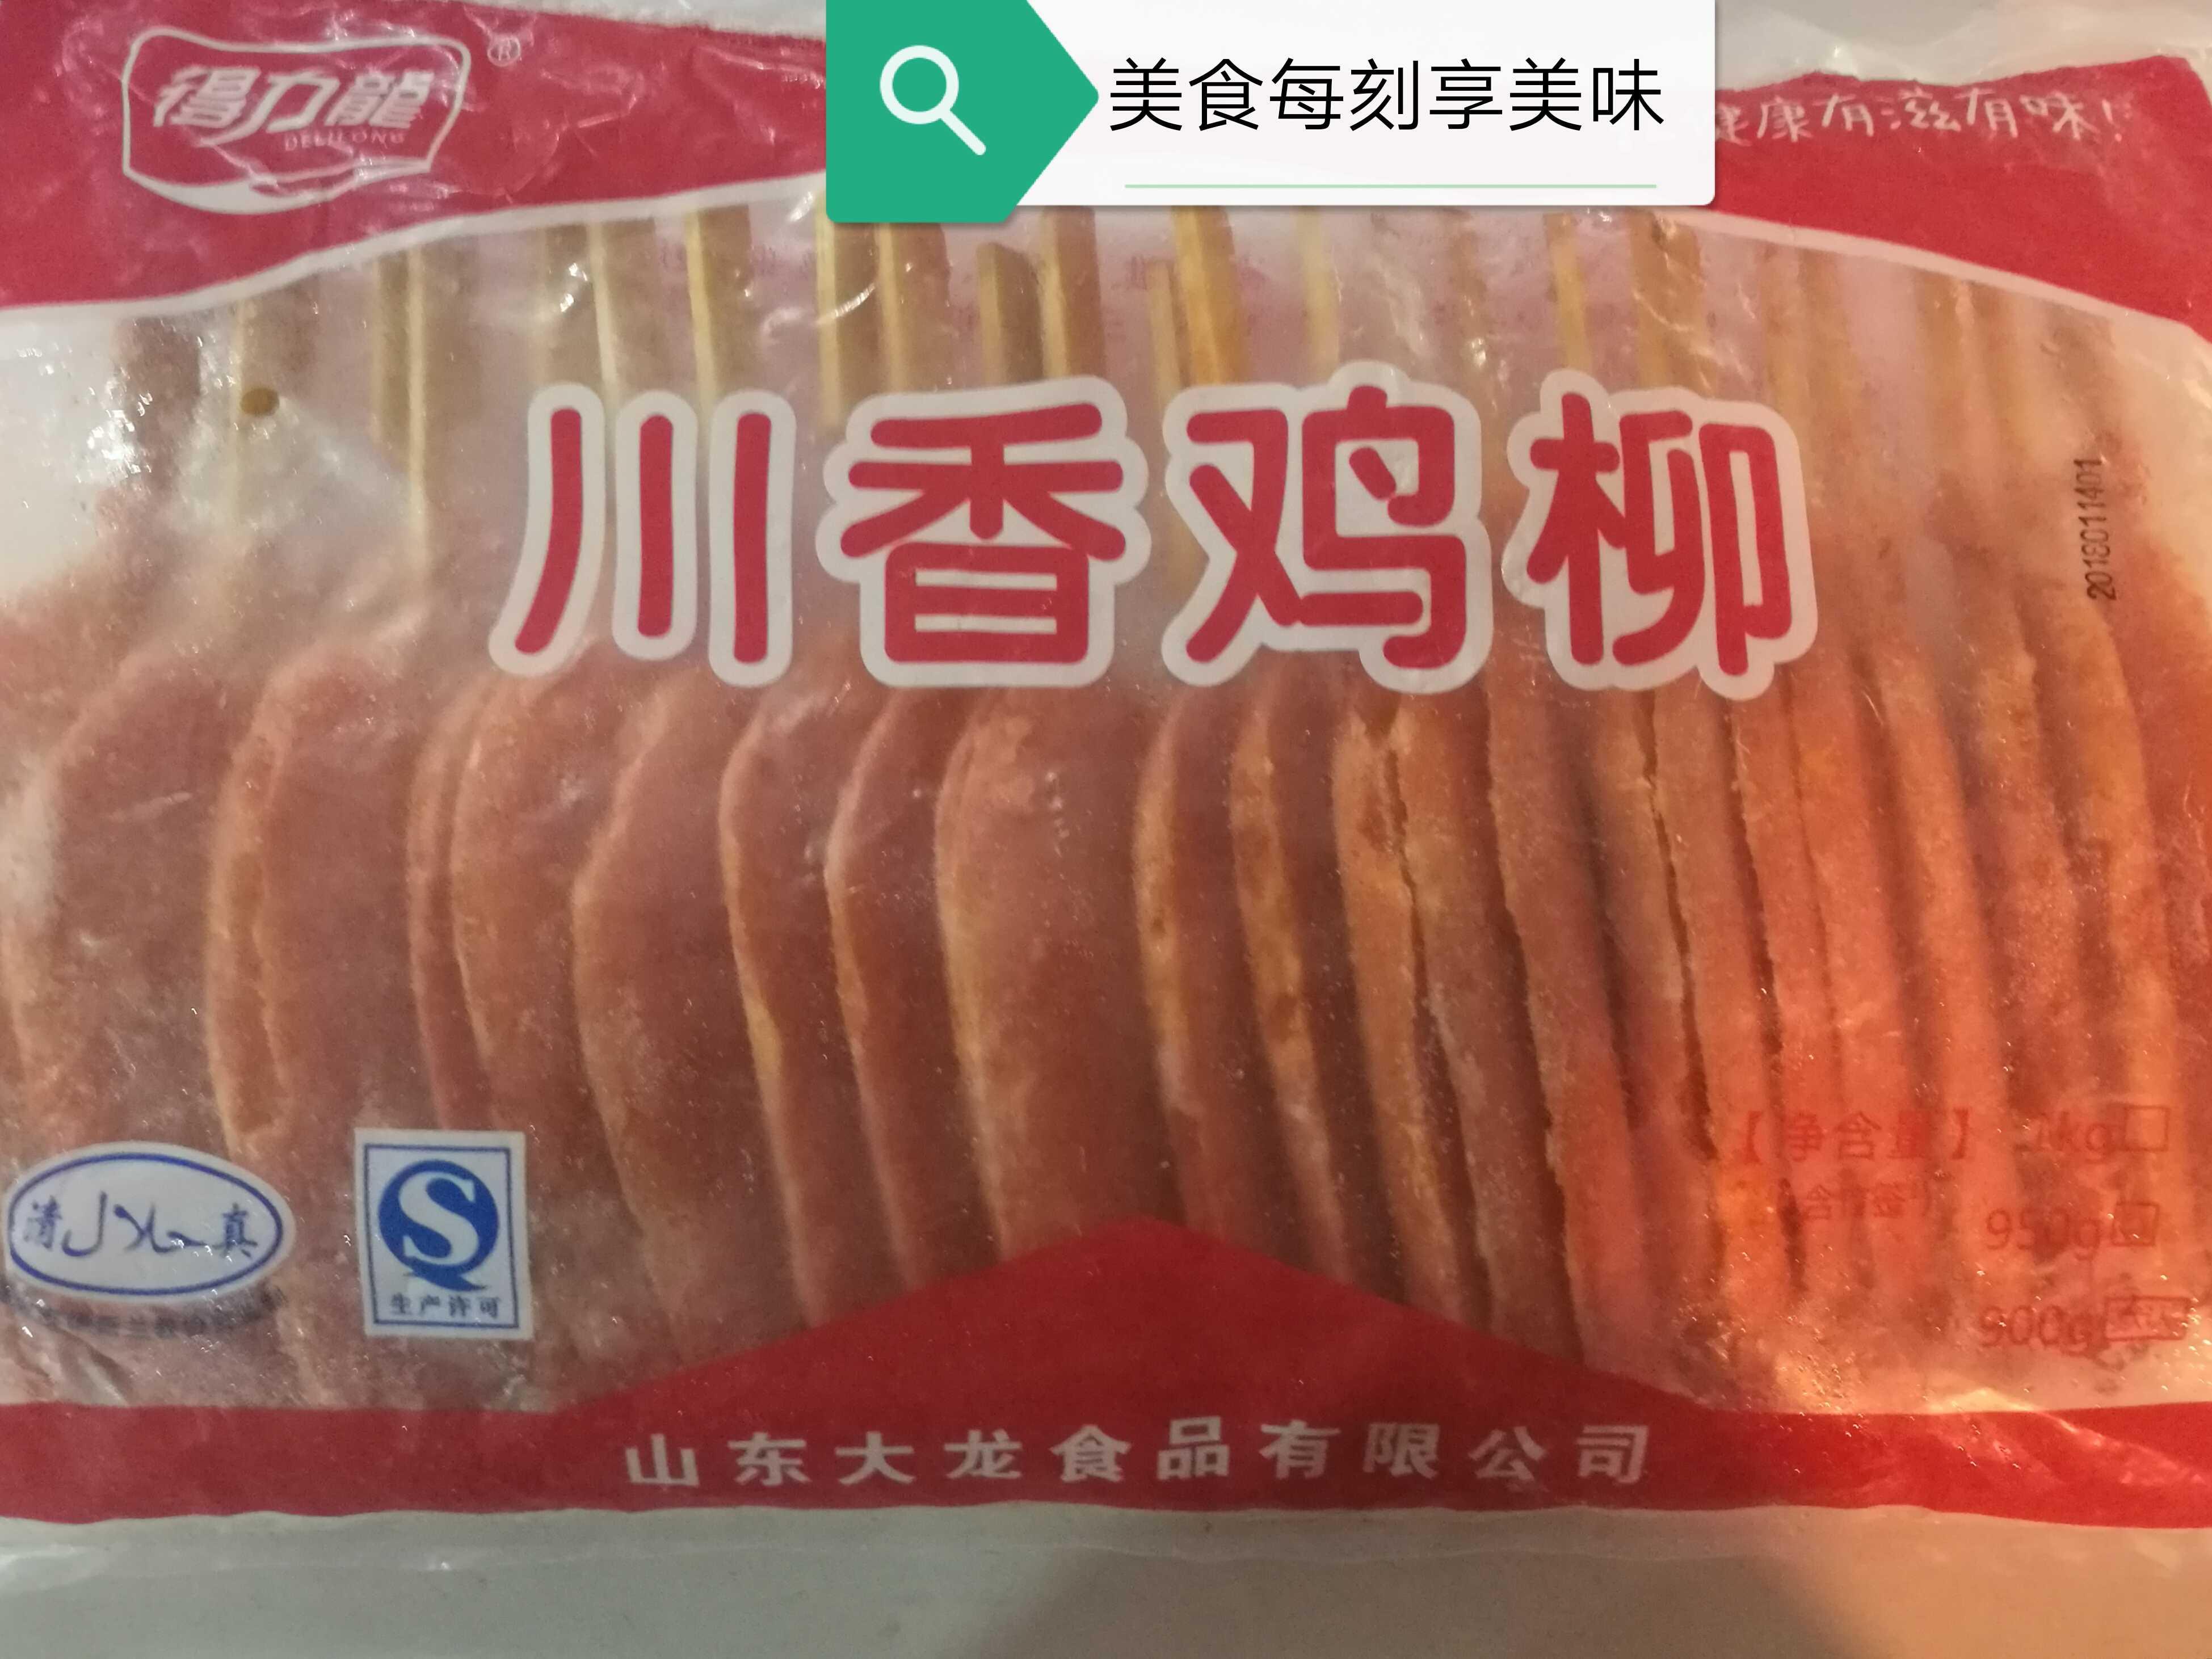 得力龙川香鸡柳 油炸烧烤食品 一包900g约25根左右美食每刻享美味